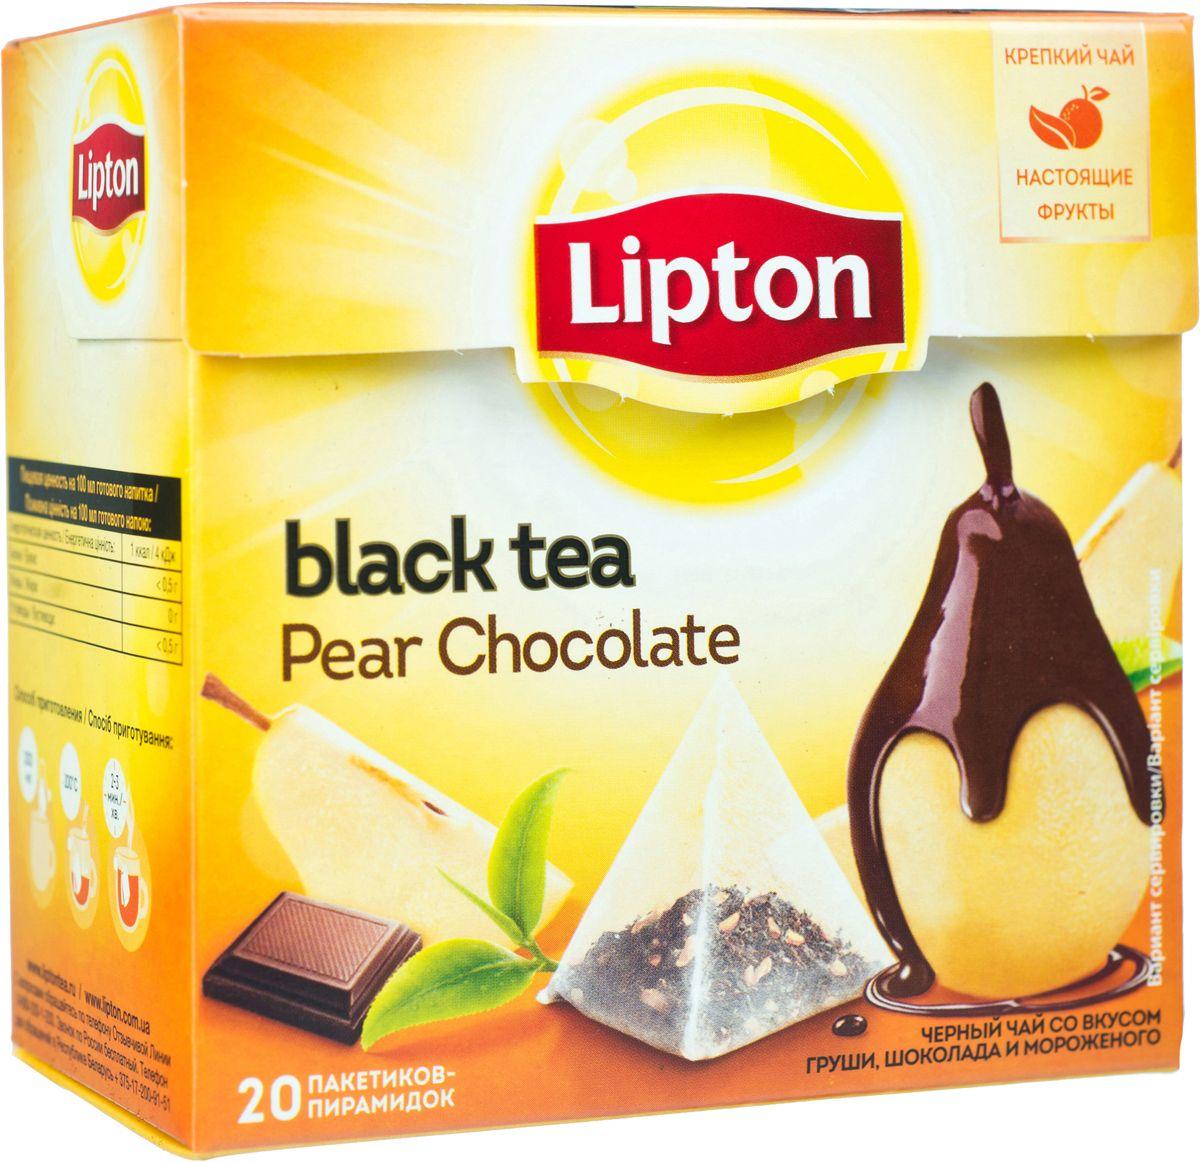 Lipton Черный чай Pear Chocolate 20 шт21187947/21141144Lipton Pear Chocolate - черный байховый чай с ароматизатором груши и шоколада, а также кусочками фруктов. Выпив чашечку черного чая Lipton Pear Chocolate со вкусом аппетитной груши, шоколада и шарика тающего мороженого, вы не только побалуете себя изысканным десертом, но и буквально перенесетесь в романтичный Париж, увидите очертания Эйфелевой башни и услышите отзвуки канкана знаменитого кабаре Мулен Руж. Сладковатое послевкусие чая Lipton Pear Chocolate навеет ощущение пребывания на небольшой парижской улочке, пахнущей элегантными духами, наполненной звуками музыки и манящей соблазнами модных подиумов.